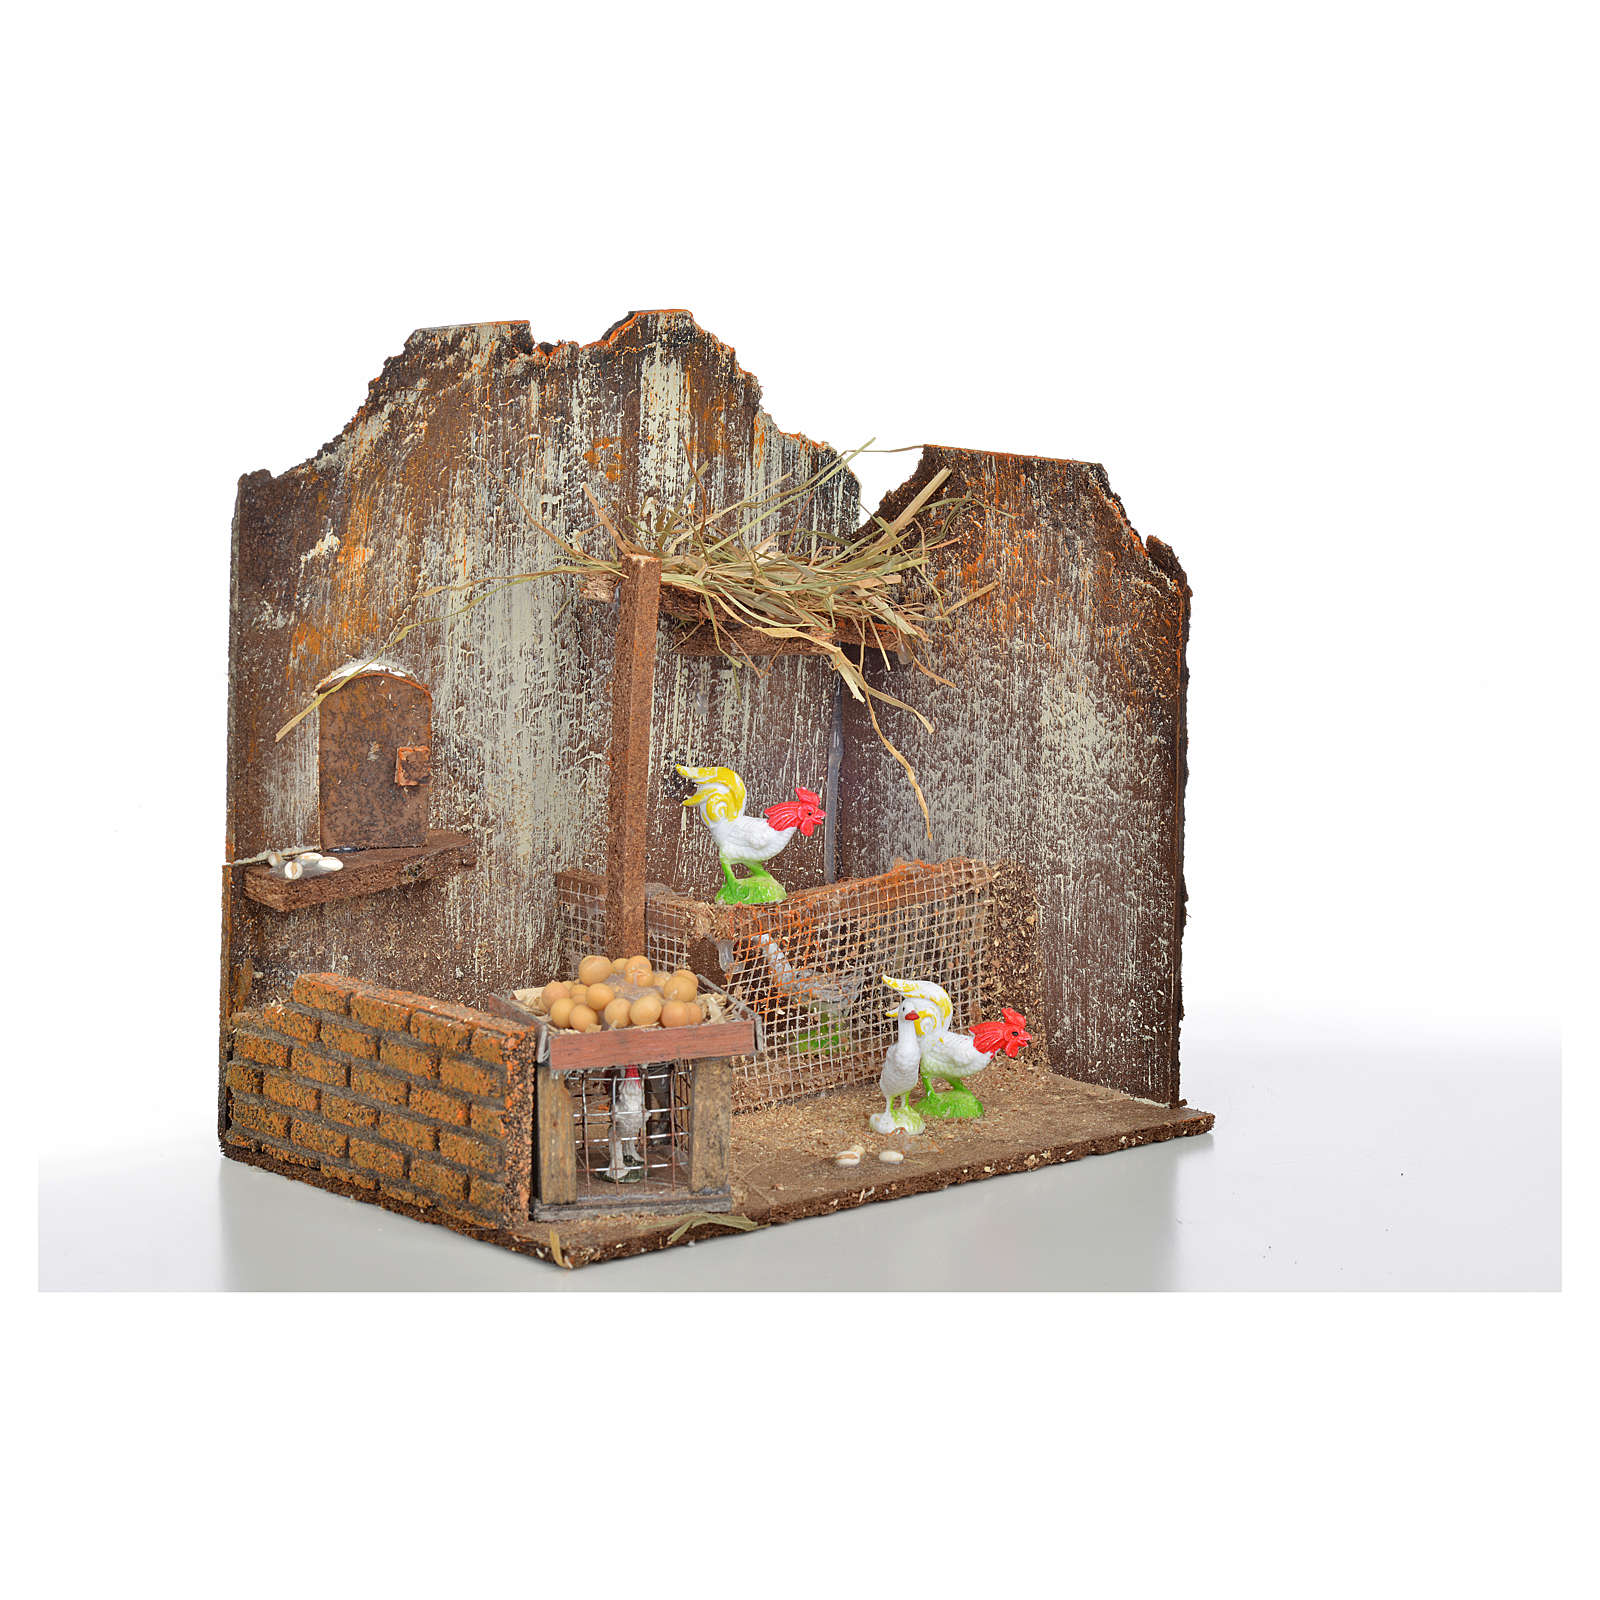 Décor crèche poulailler avec poules et oeufs 20x14x20 4